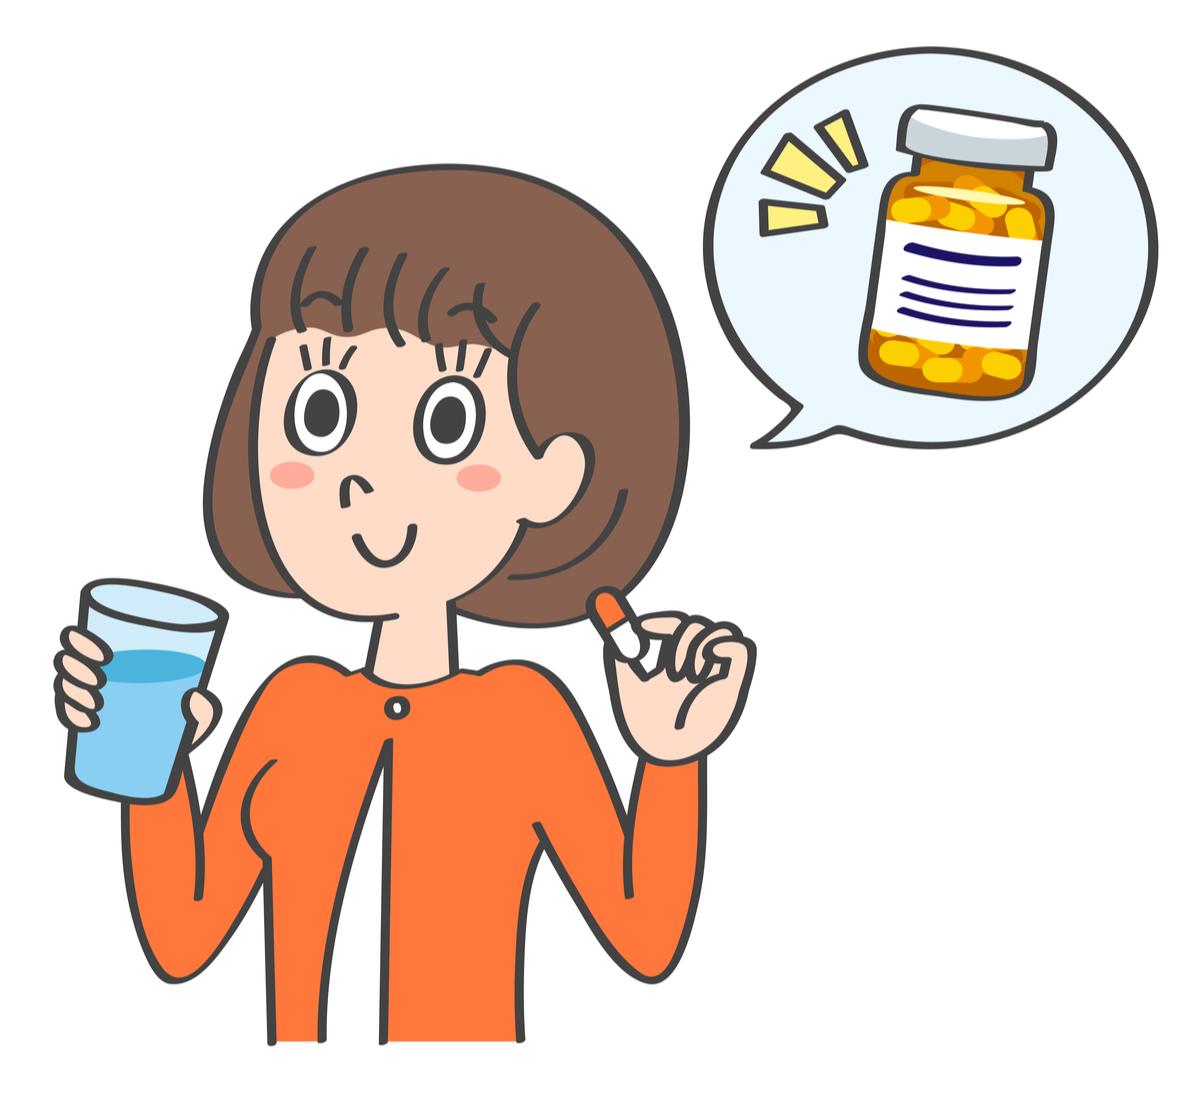 発達障がいの症状はサプリや食事で改善できる?